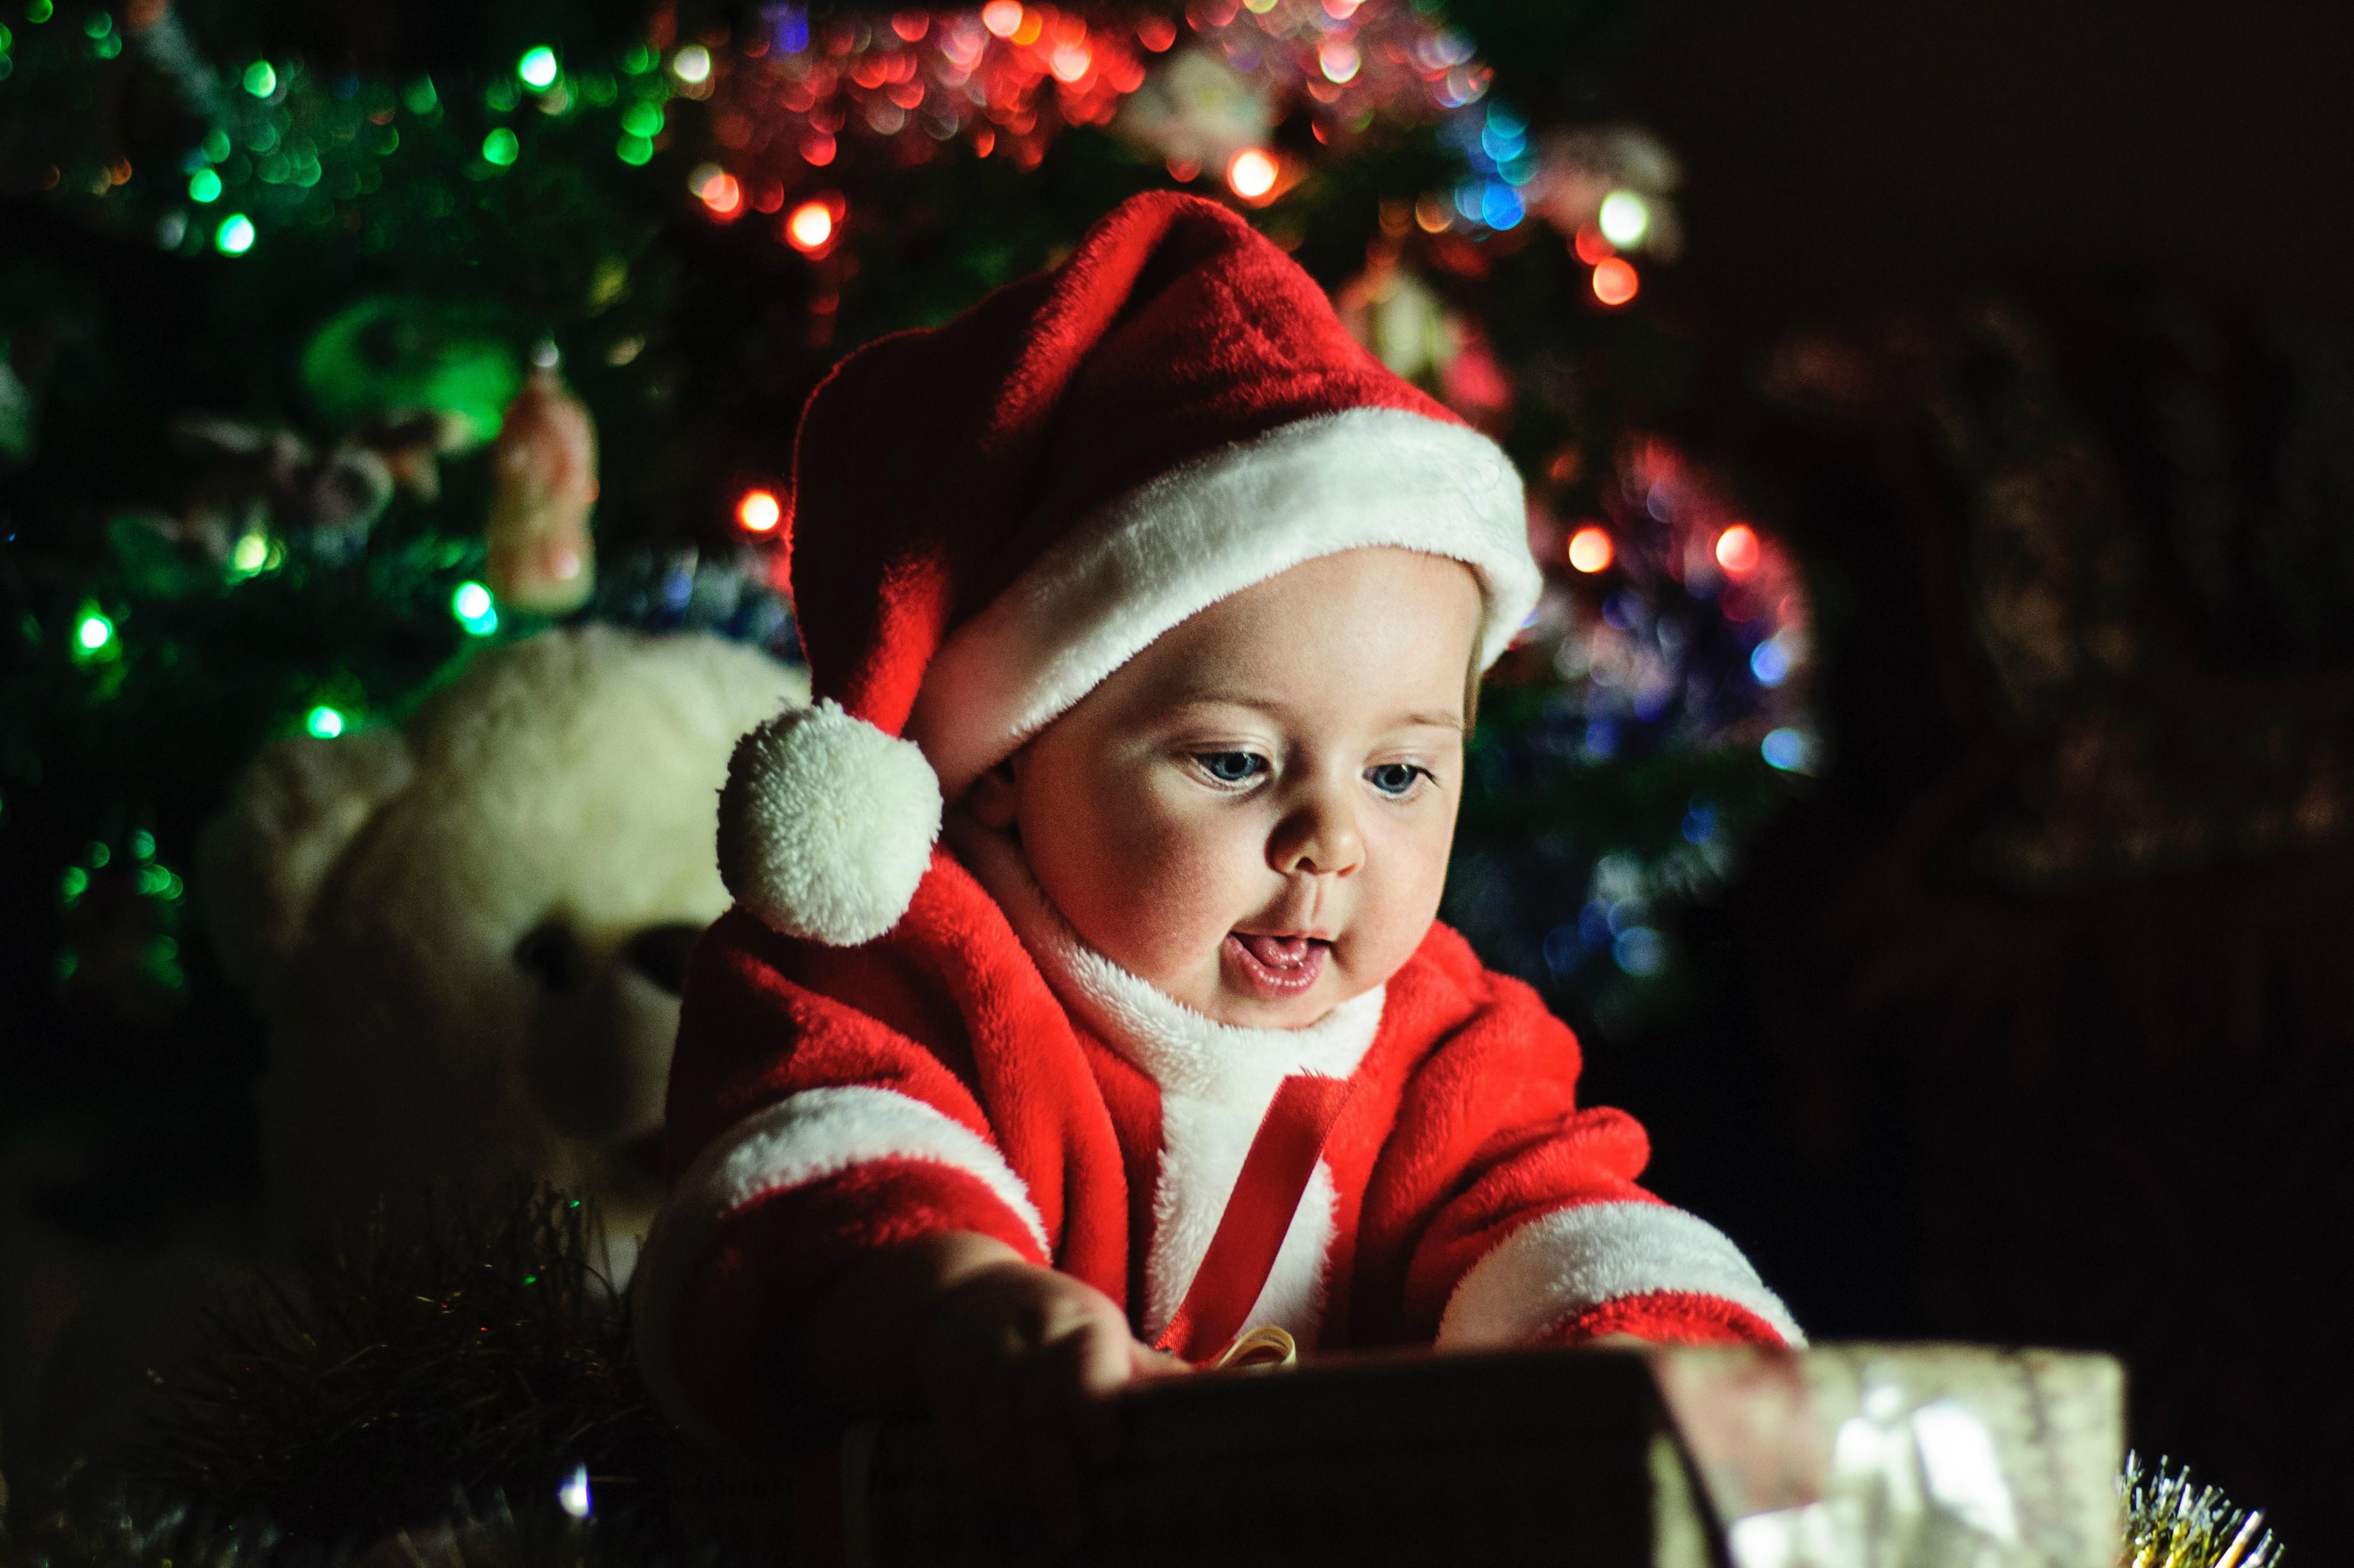 ВТехасе задержали мужчину, убеждавшего детей, что Санта-Клауса нет